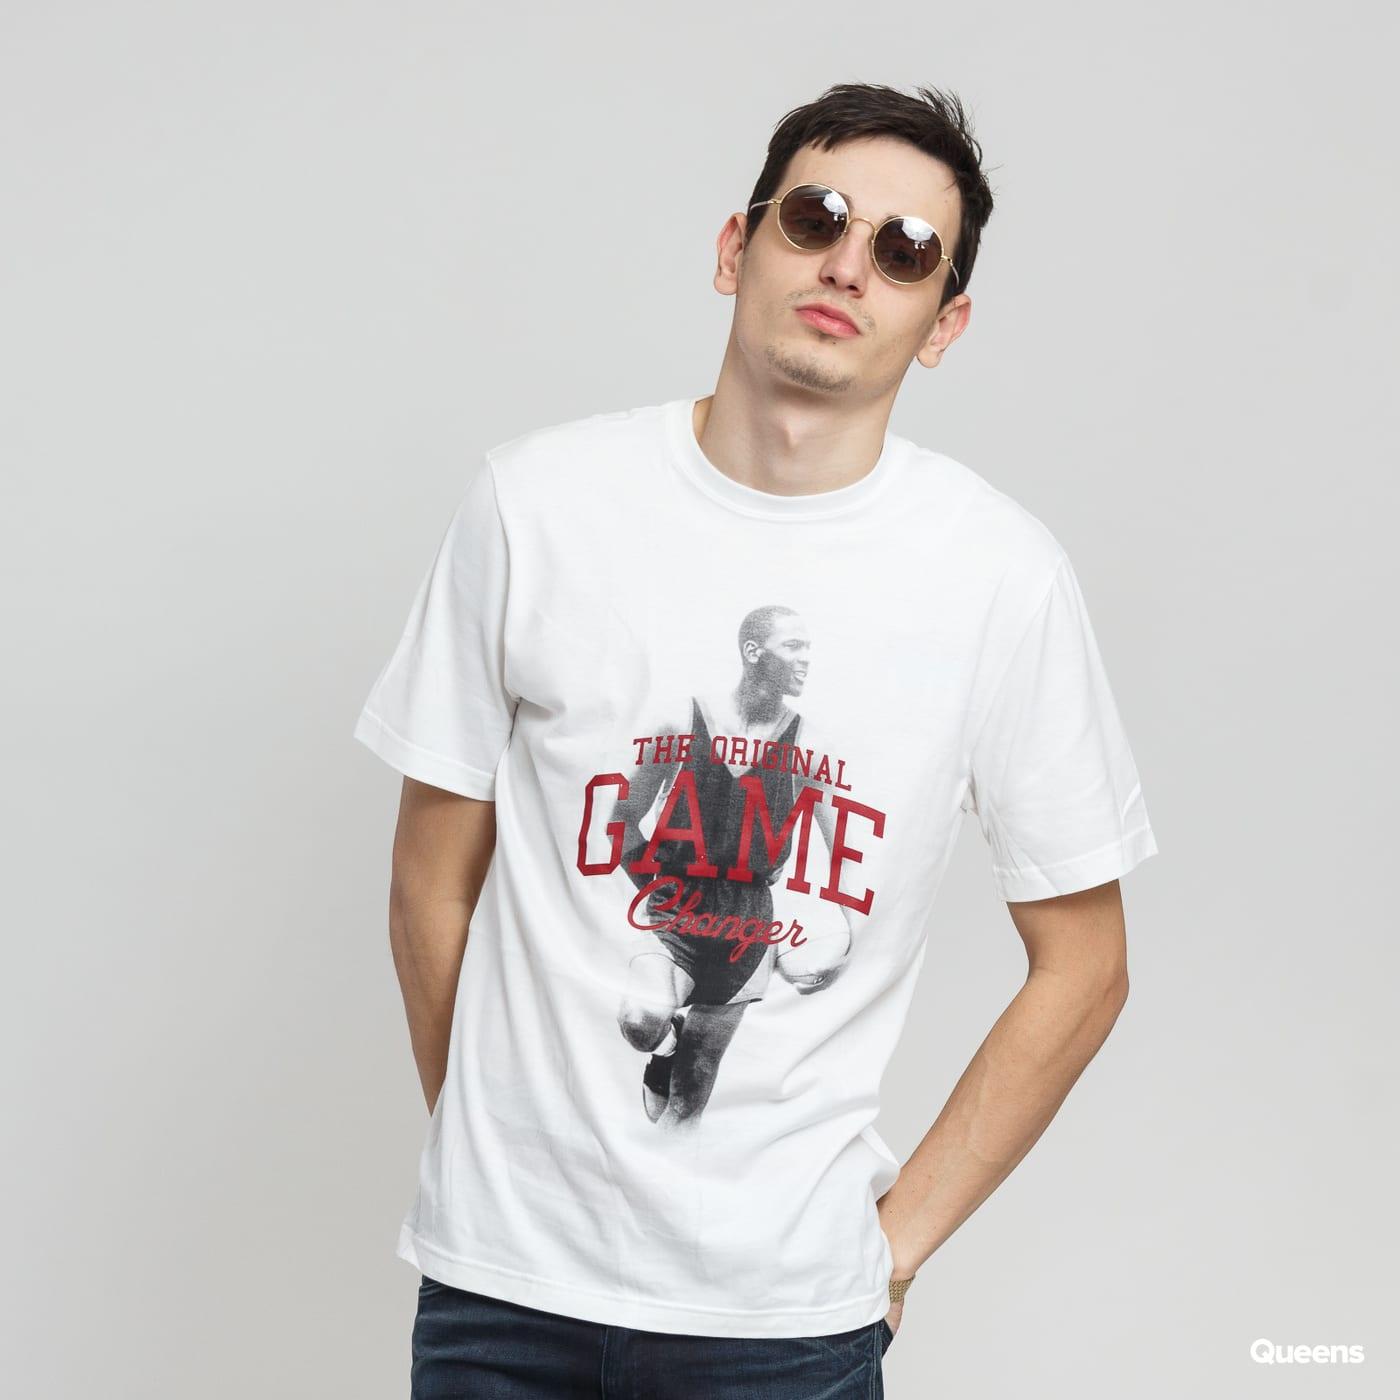 Tričko s krátkým rukávem Jordan Air Jordan OG Game Changer Tee IC  (519630-100) – Queens 💚 0e73511334